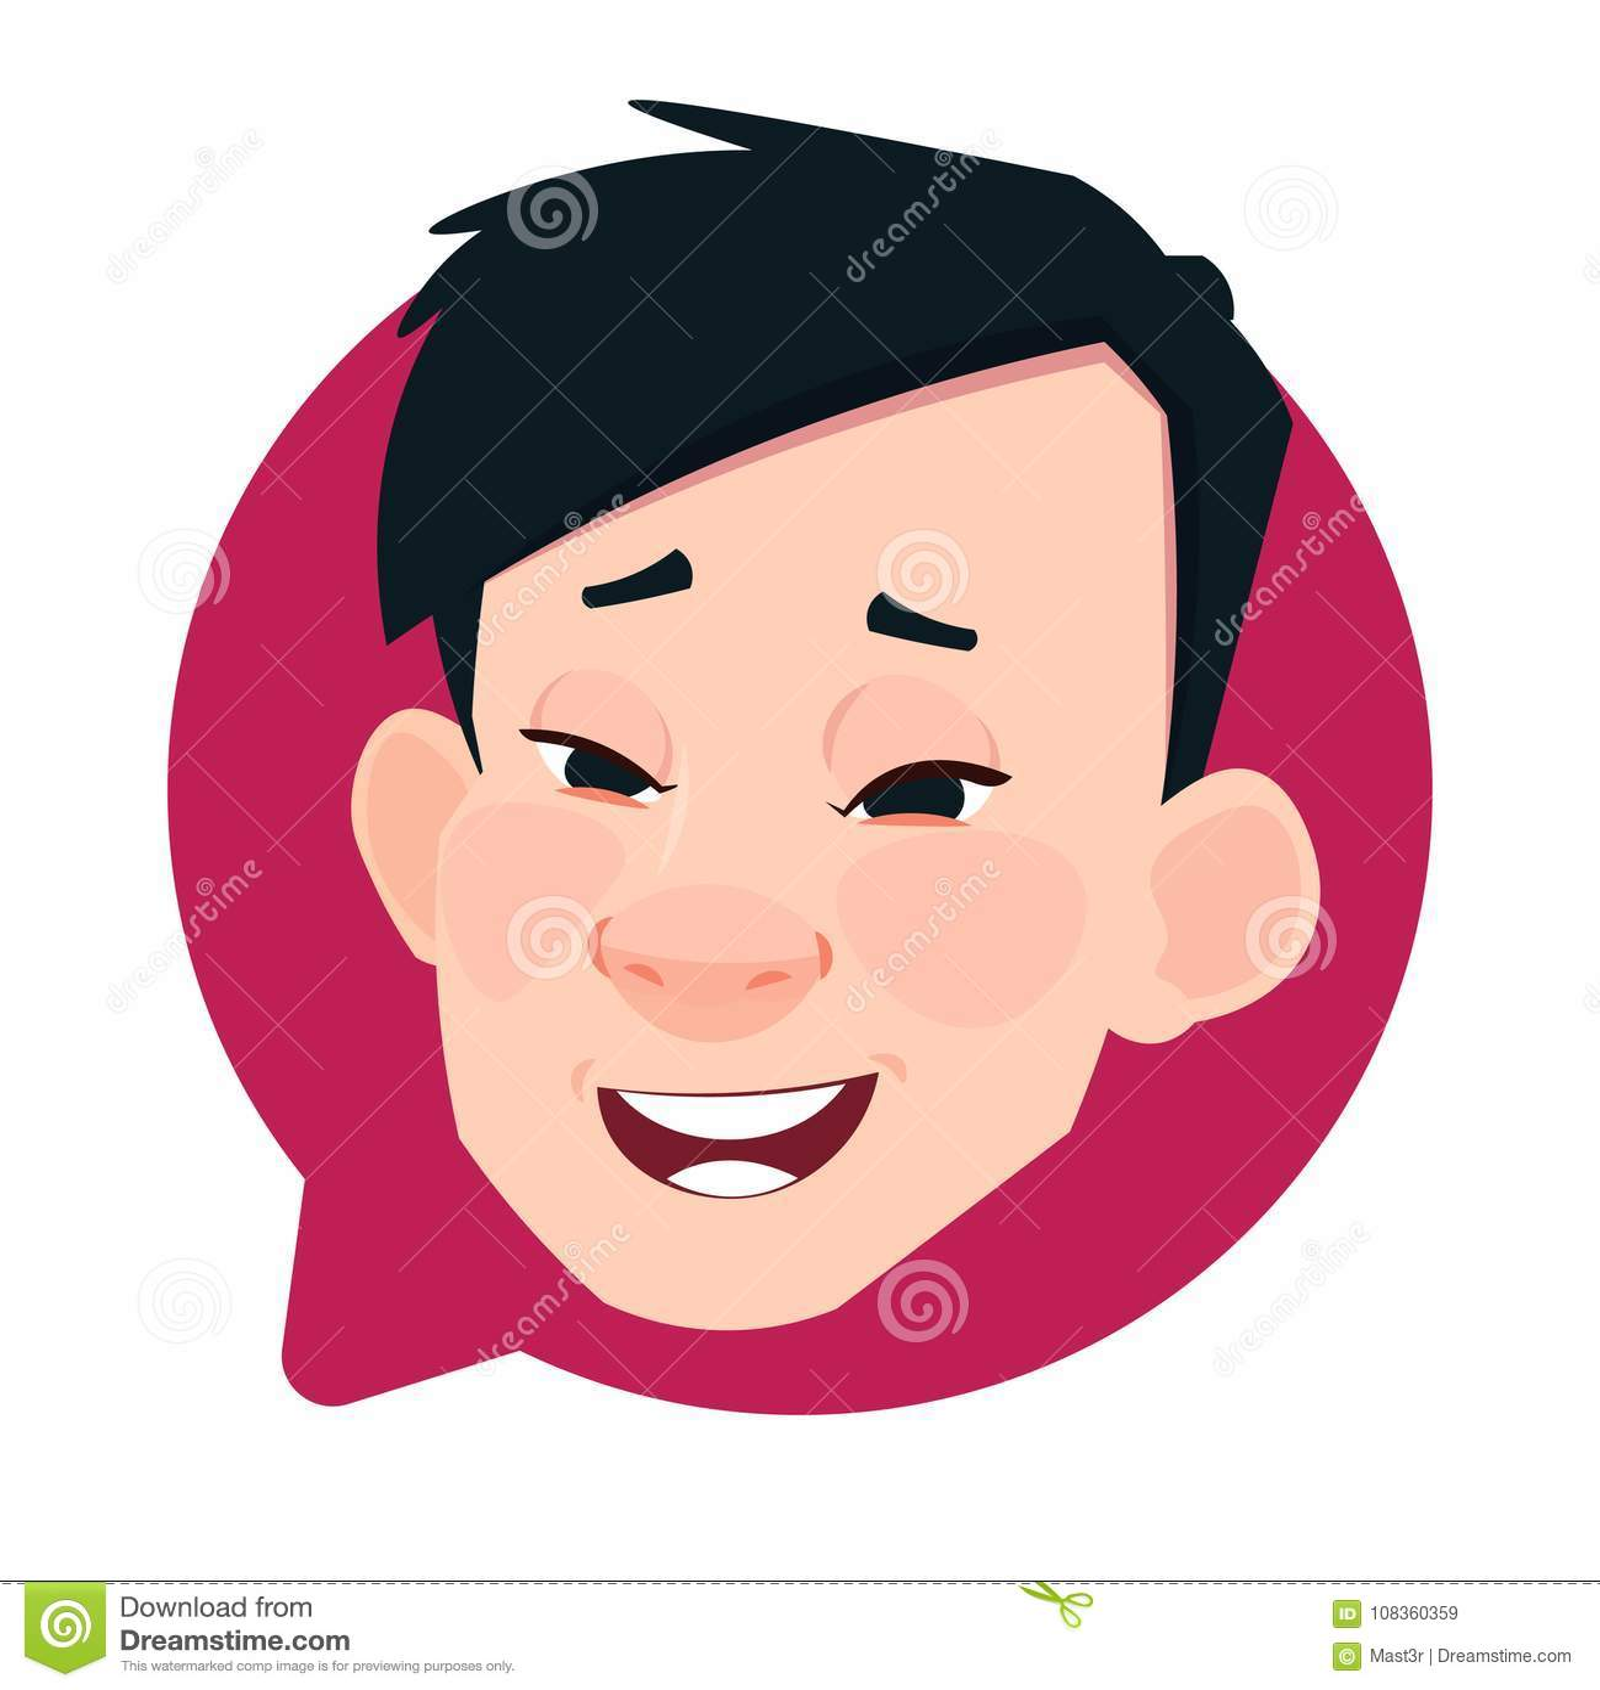 Cabeza masculina asiática del icono del perfil en la burbuja aislada, retrato de la charla del personaje de dibujos animados de A